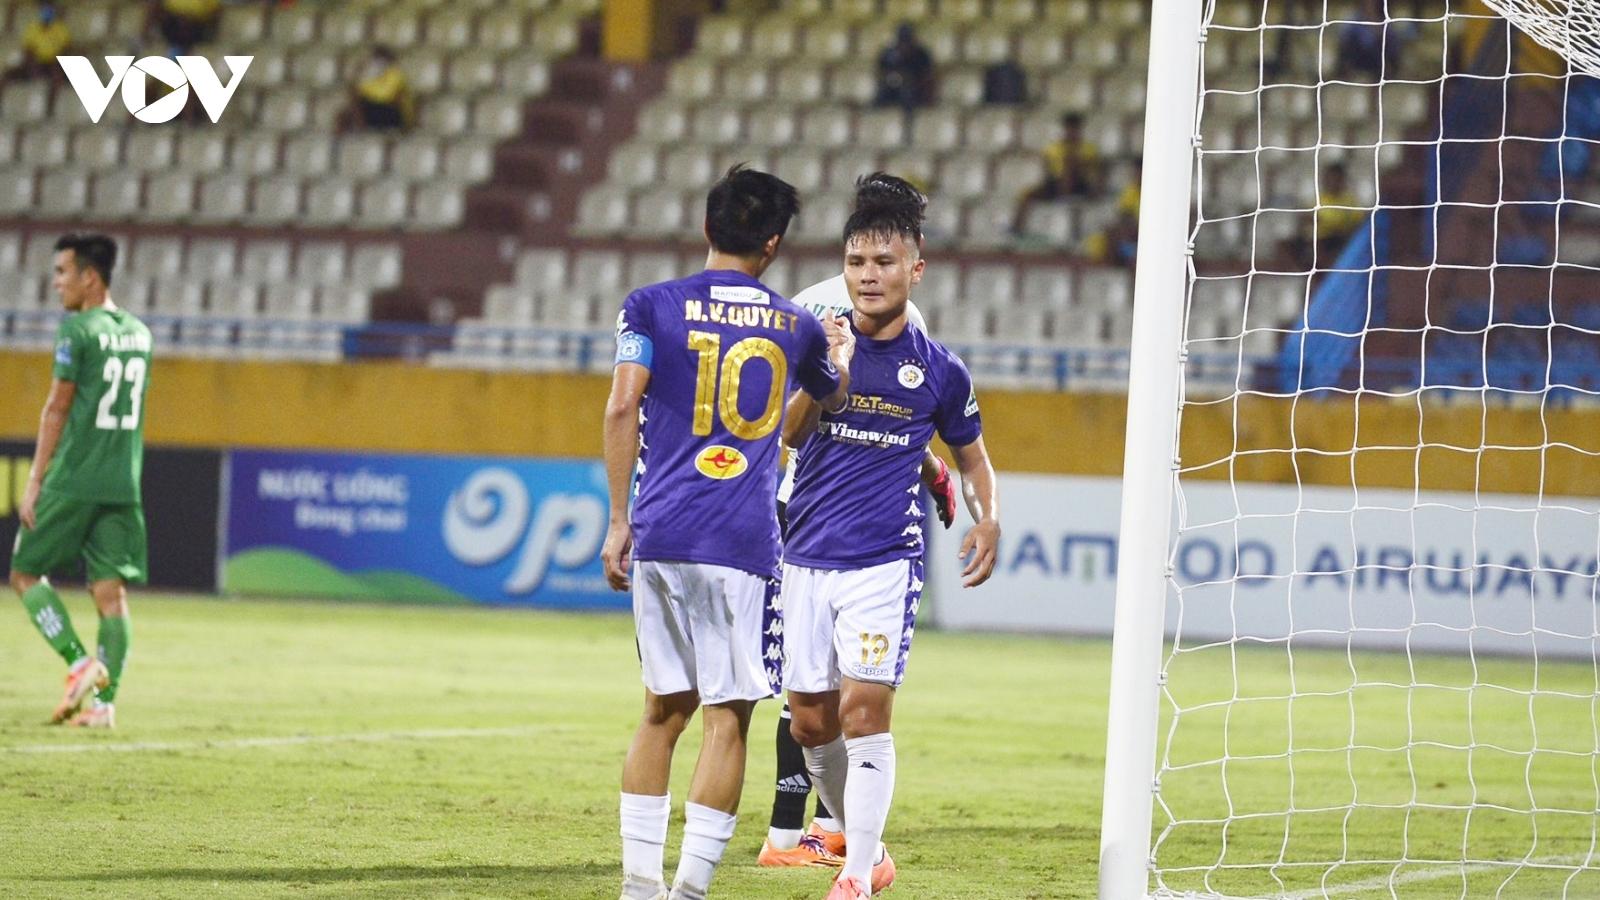 """VIDEO: Quang Hải """"trút giận"""" ở trận đấu với Cần Thơ tại Cúp Quốc gia 2020"""